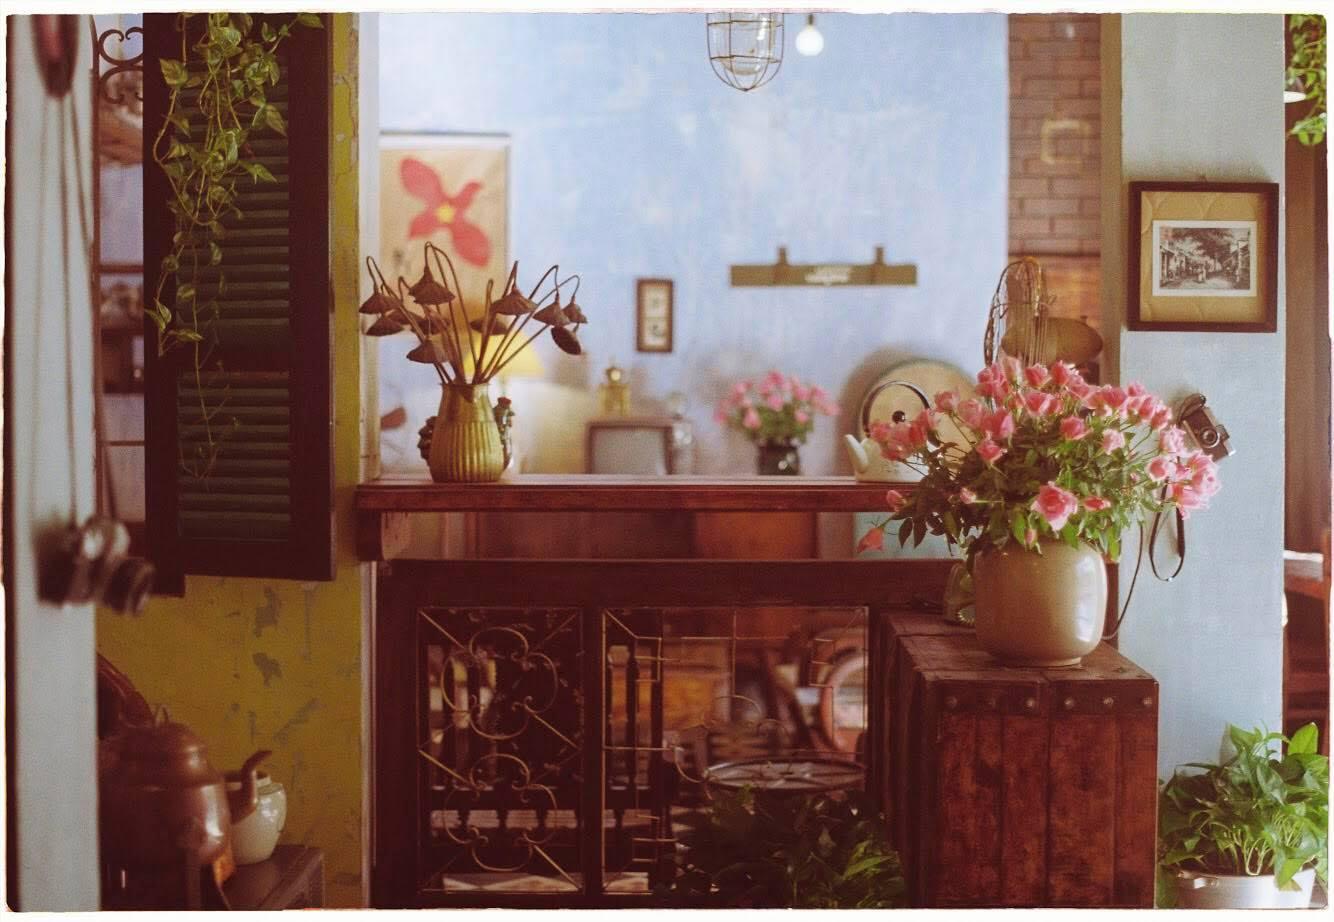 Dịp Tết Dương lịch, ghé thăm những quán cà phê mang phong cách cổ xưa tại Hà Nội  - Ảnh 6.